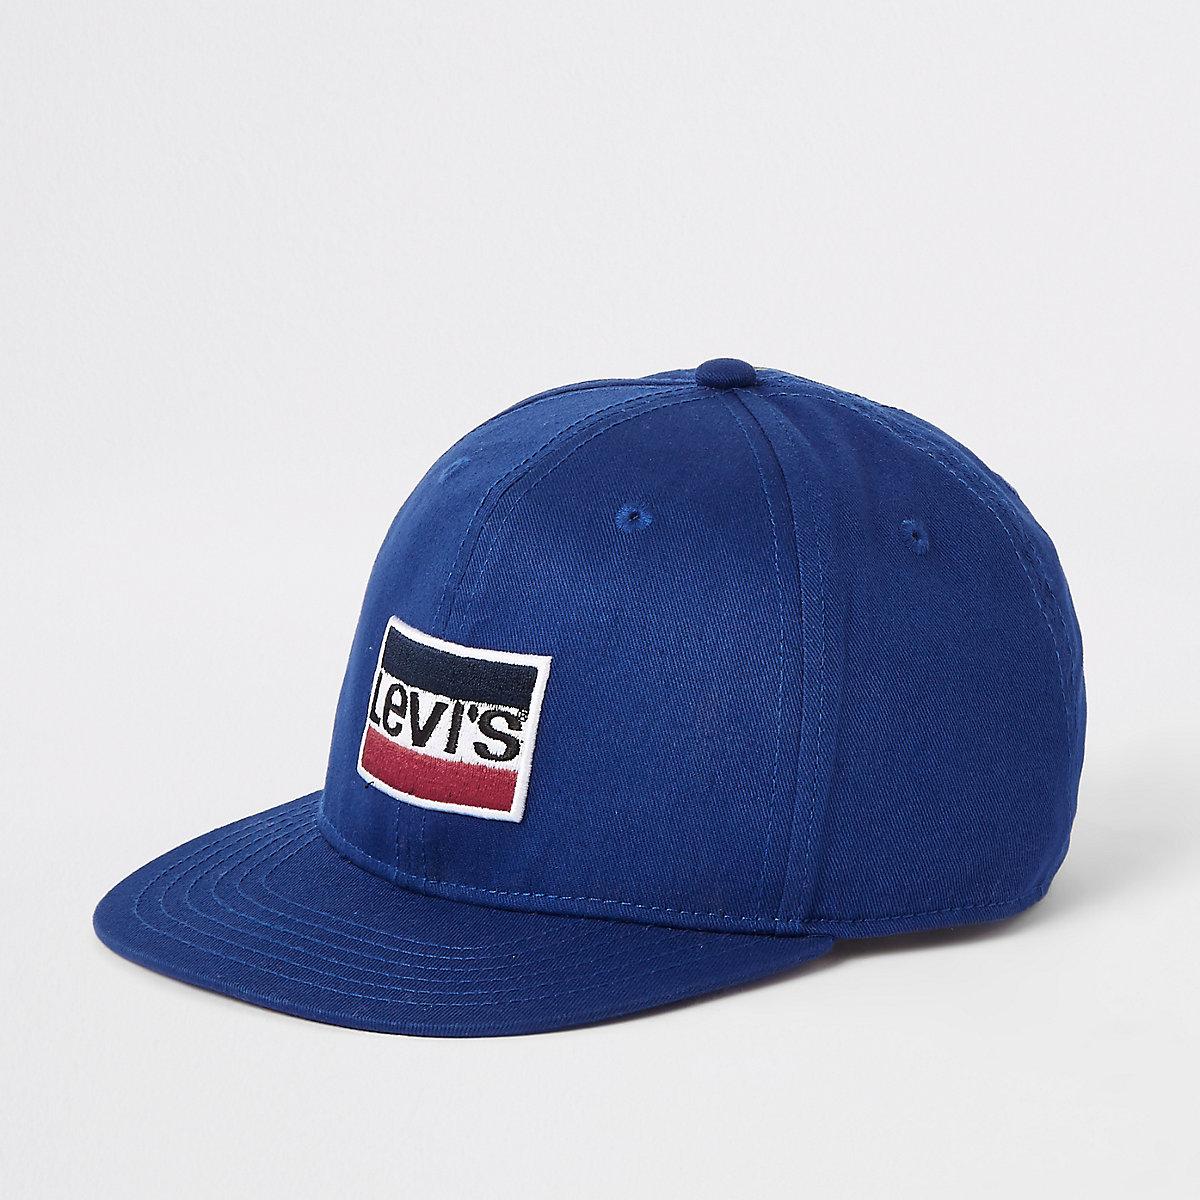 Boys blue Levi's logo cap